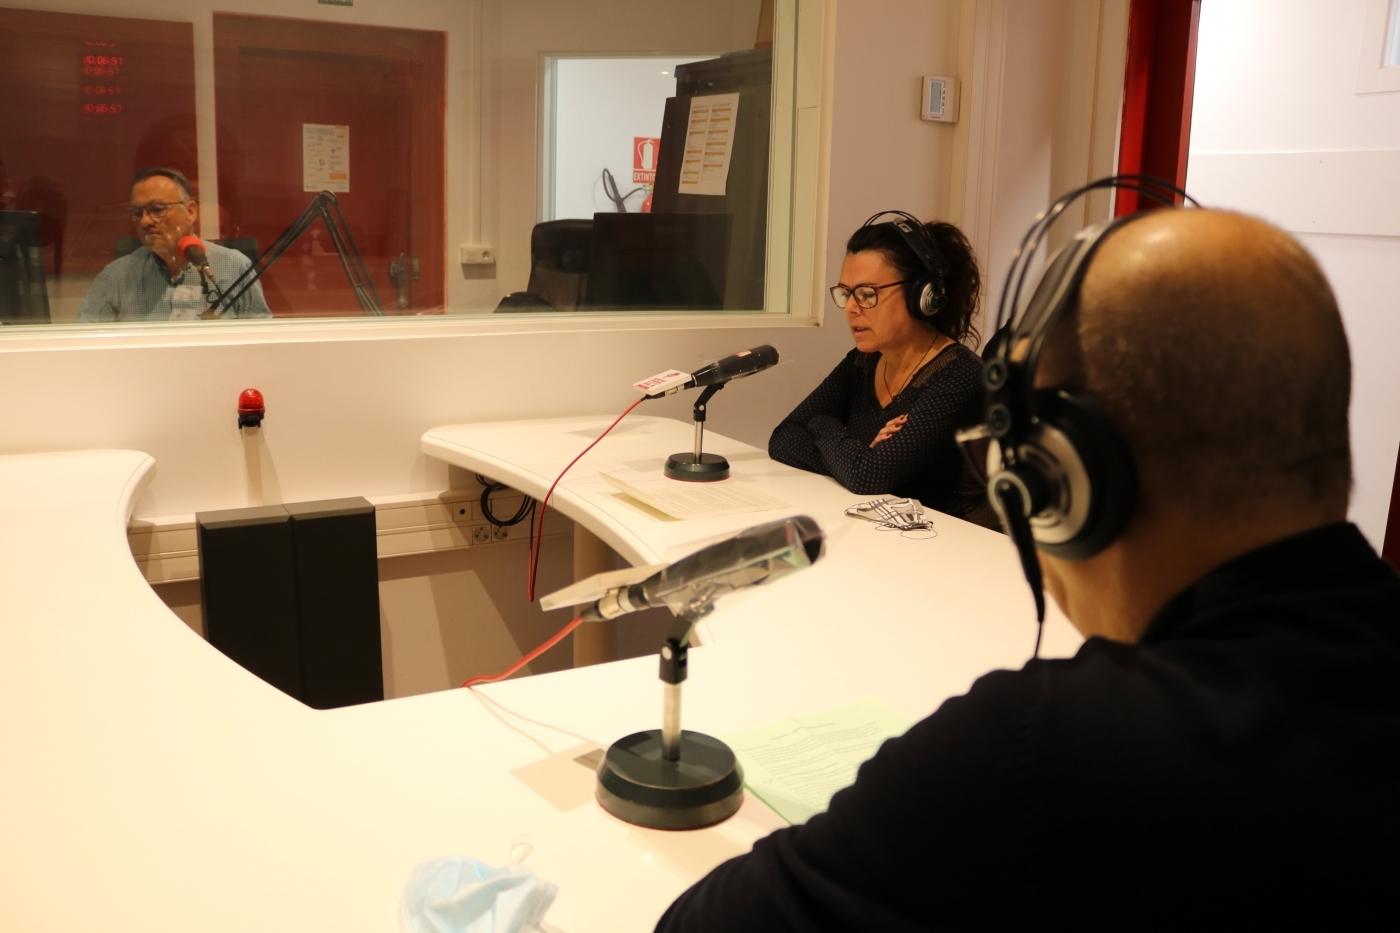 Veu a les veus inicia segona temporada a Ràdio Tàrrega coincidint amb la setmana del Dia Mundial de la Salut Mental.